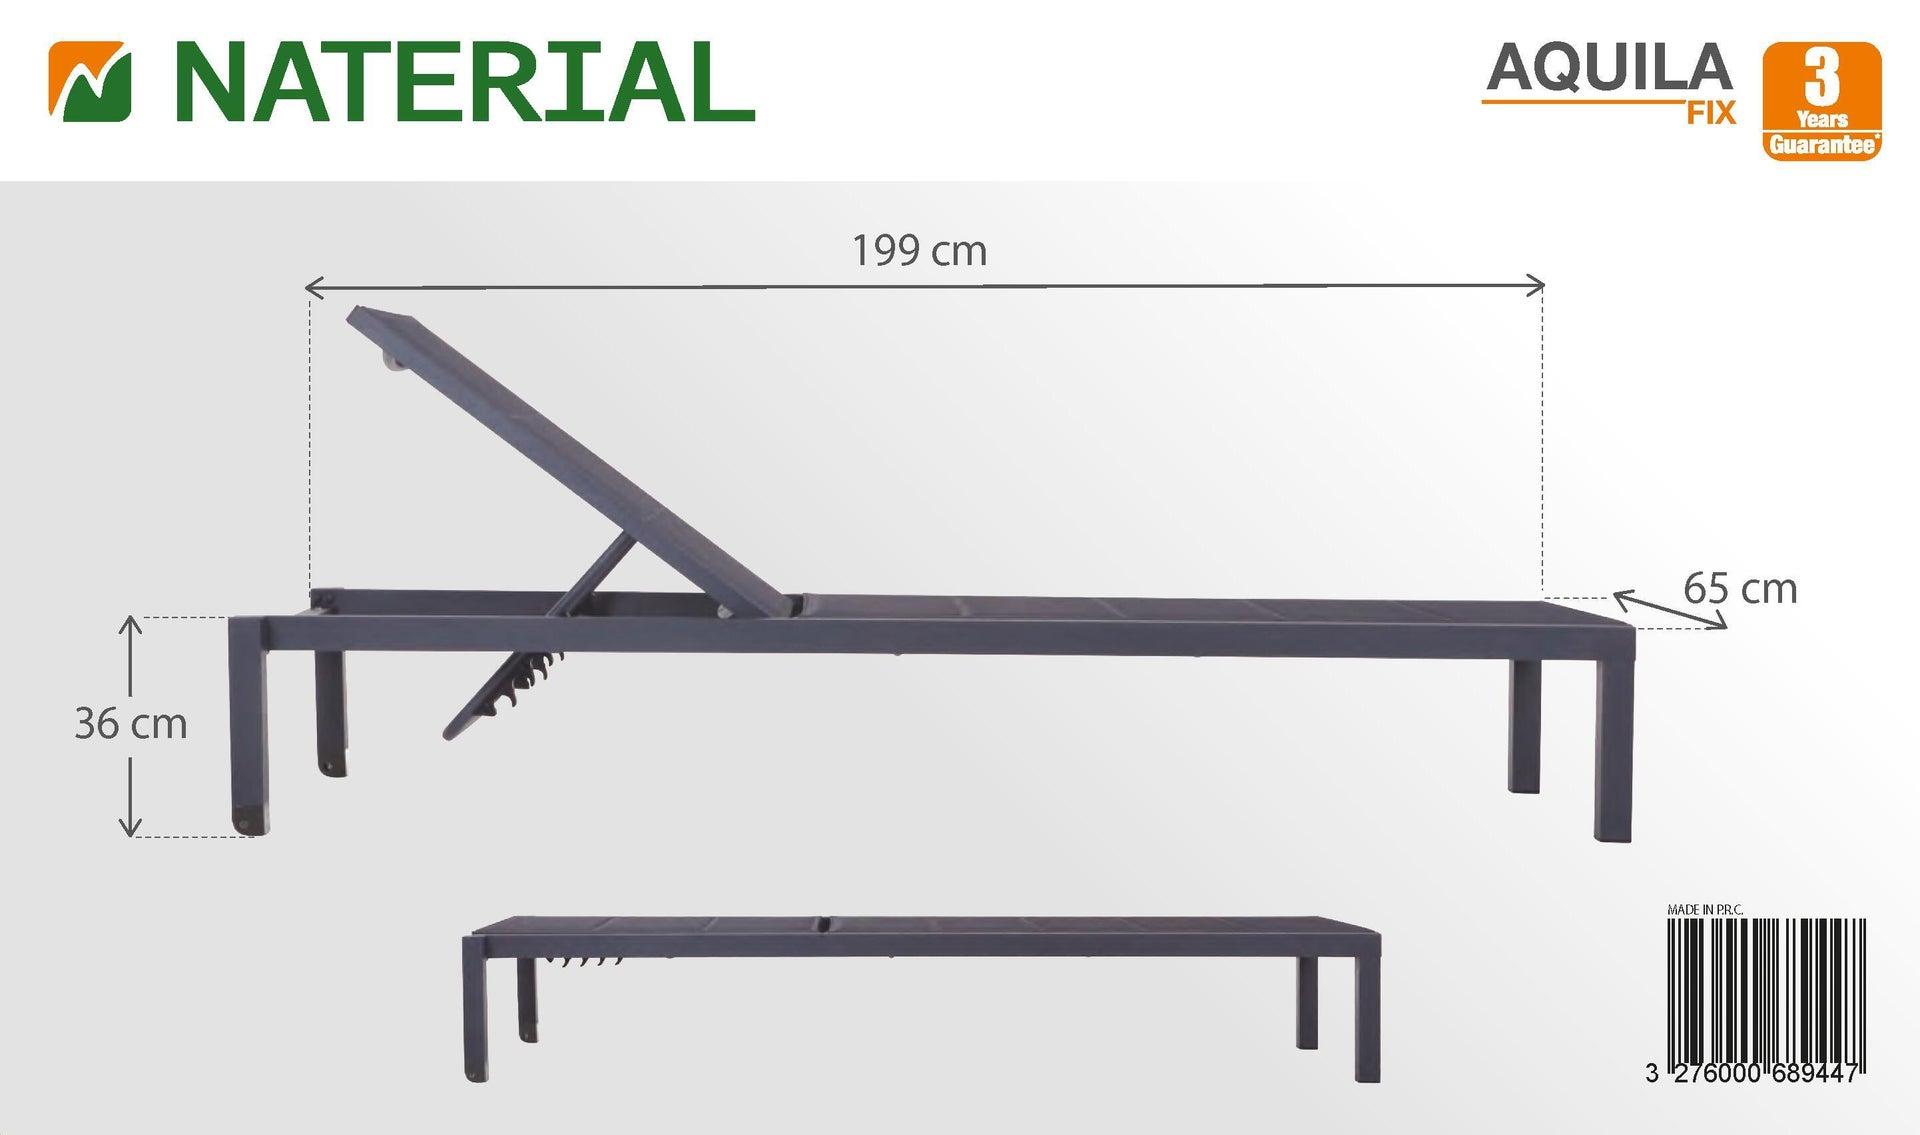 Lettino senza cuscino impilabile NATERIAL Aquila in alluminio grigio scuro - 12